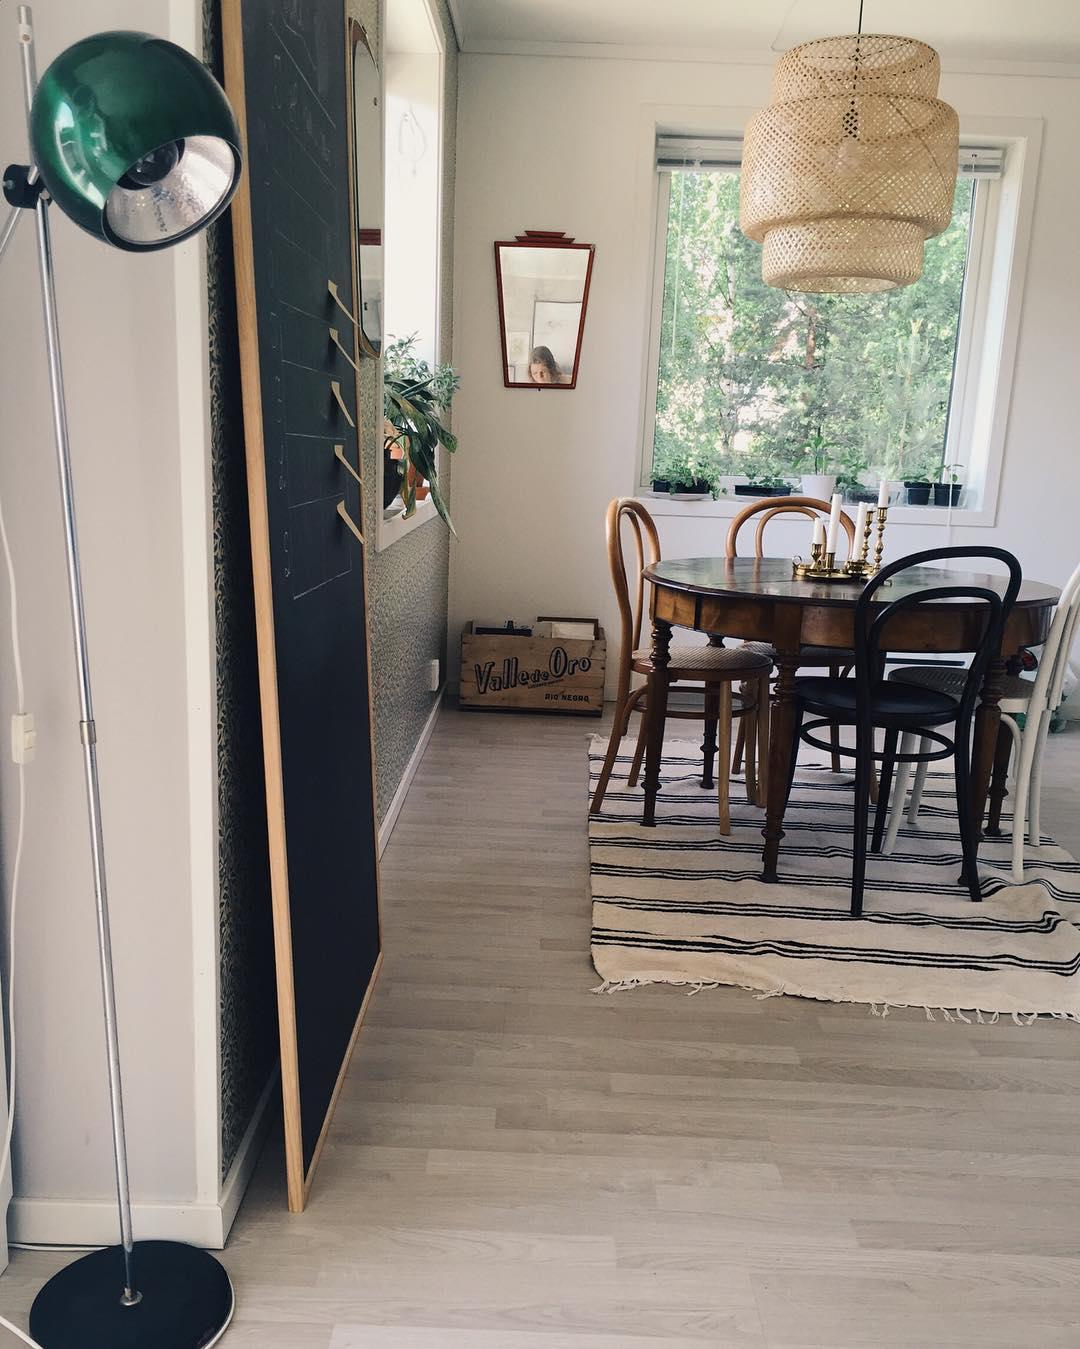 Small changes tusenogenhatt #tusenogenhattcom #rom123 #boligliv #boligdrøm #boligpluss #interior4all #boligliv_dk #vakrehjemoginteriør #heminredning #kkliving #elledecoration #apartmenttherapy #boliginretning #boligliv #rumrum